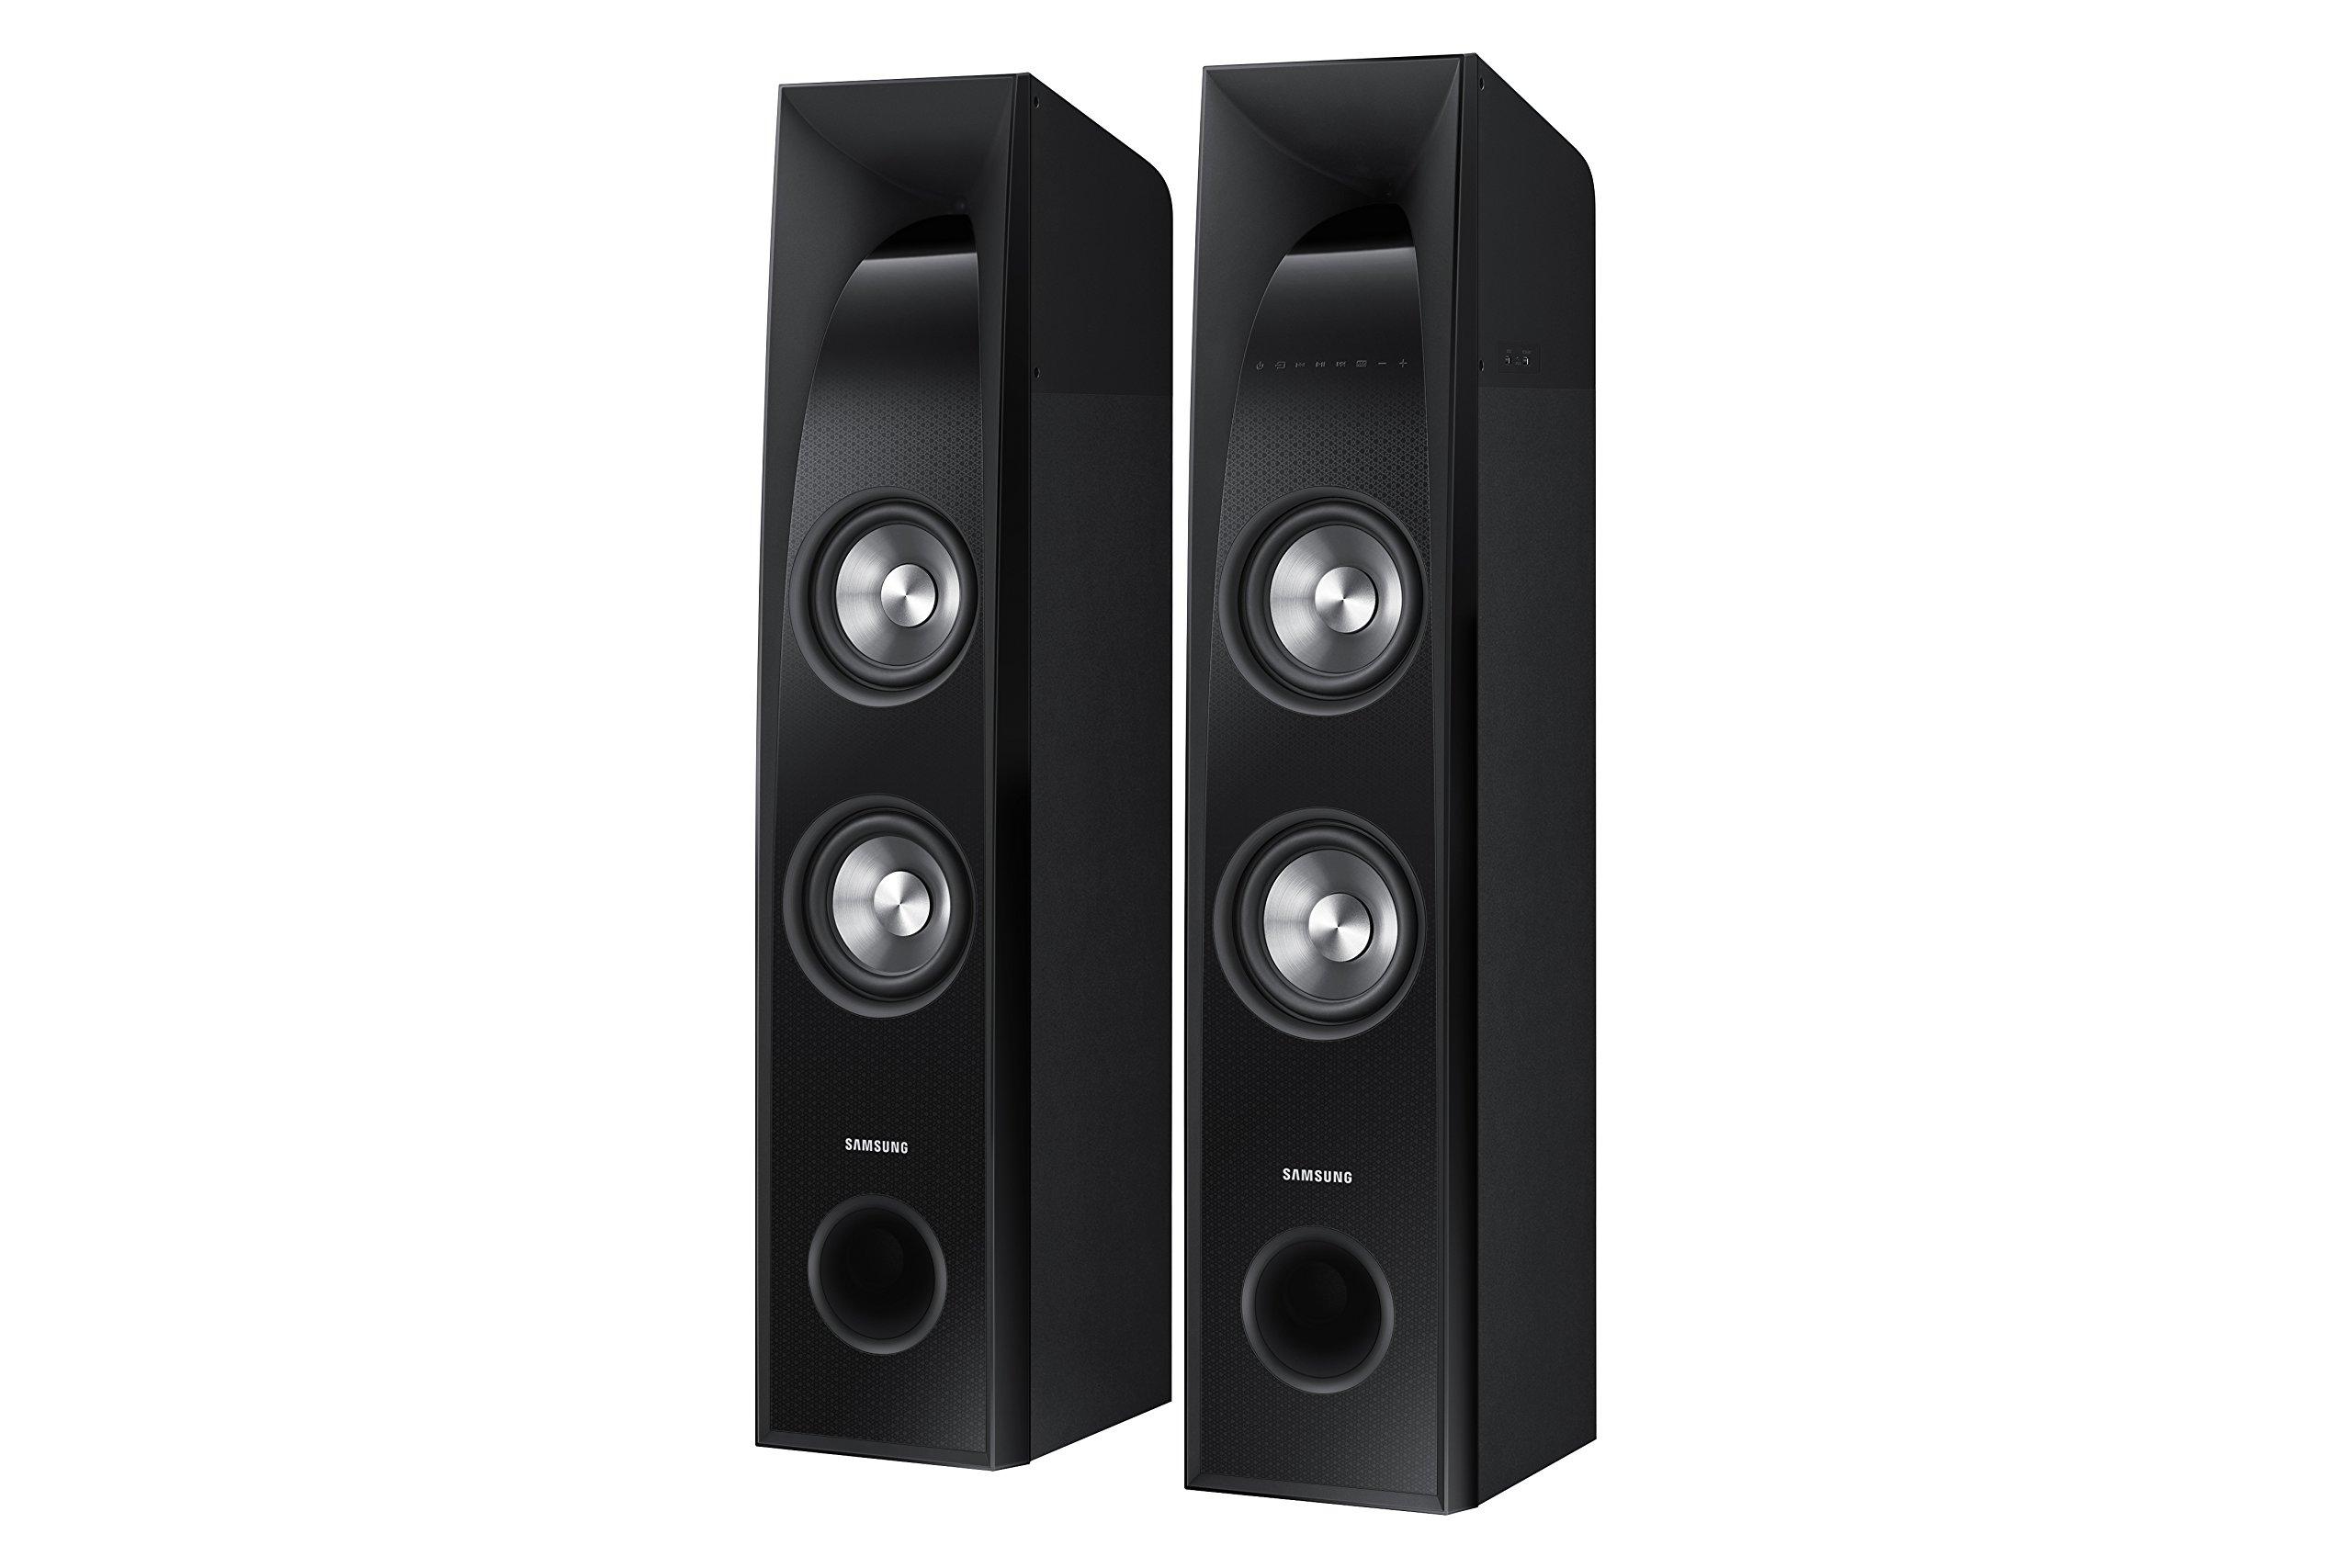 Samsung TW-J5500 2.2 Channel 350 Watt Wired Audio Sound Tower (2015 Model) by Samsung